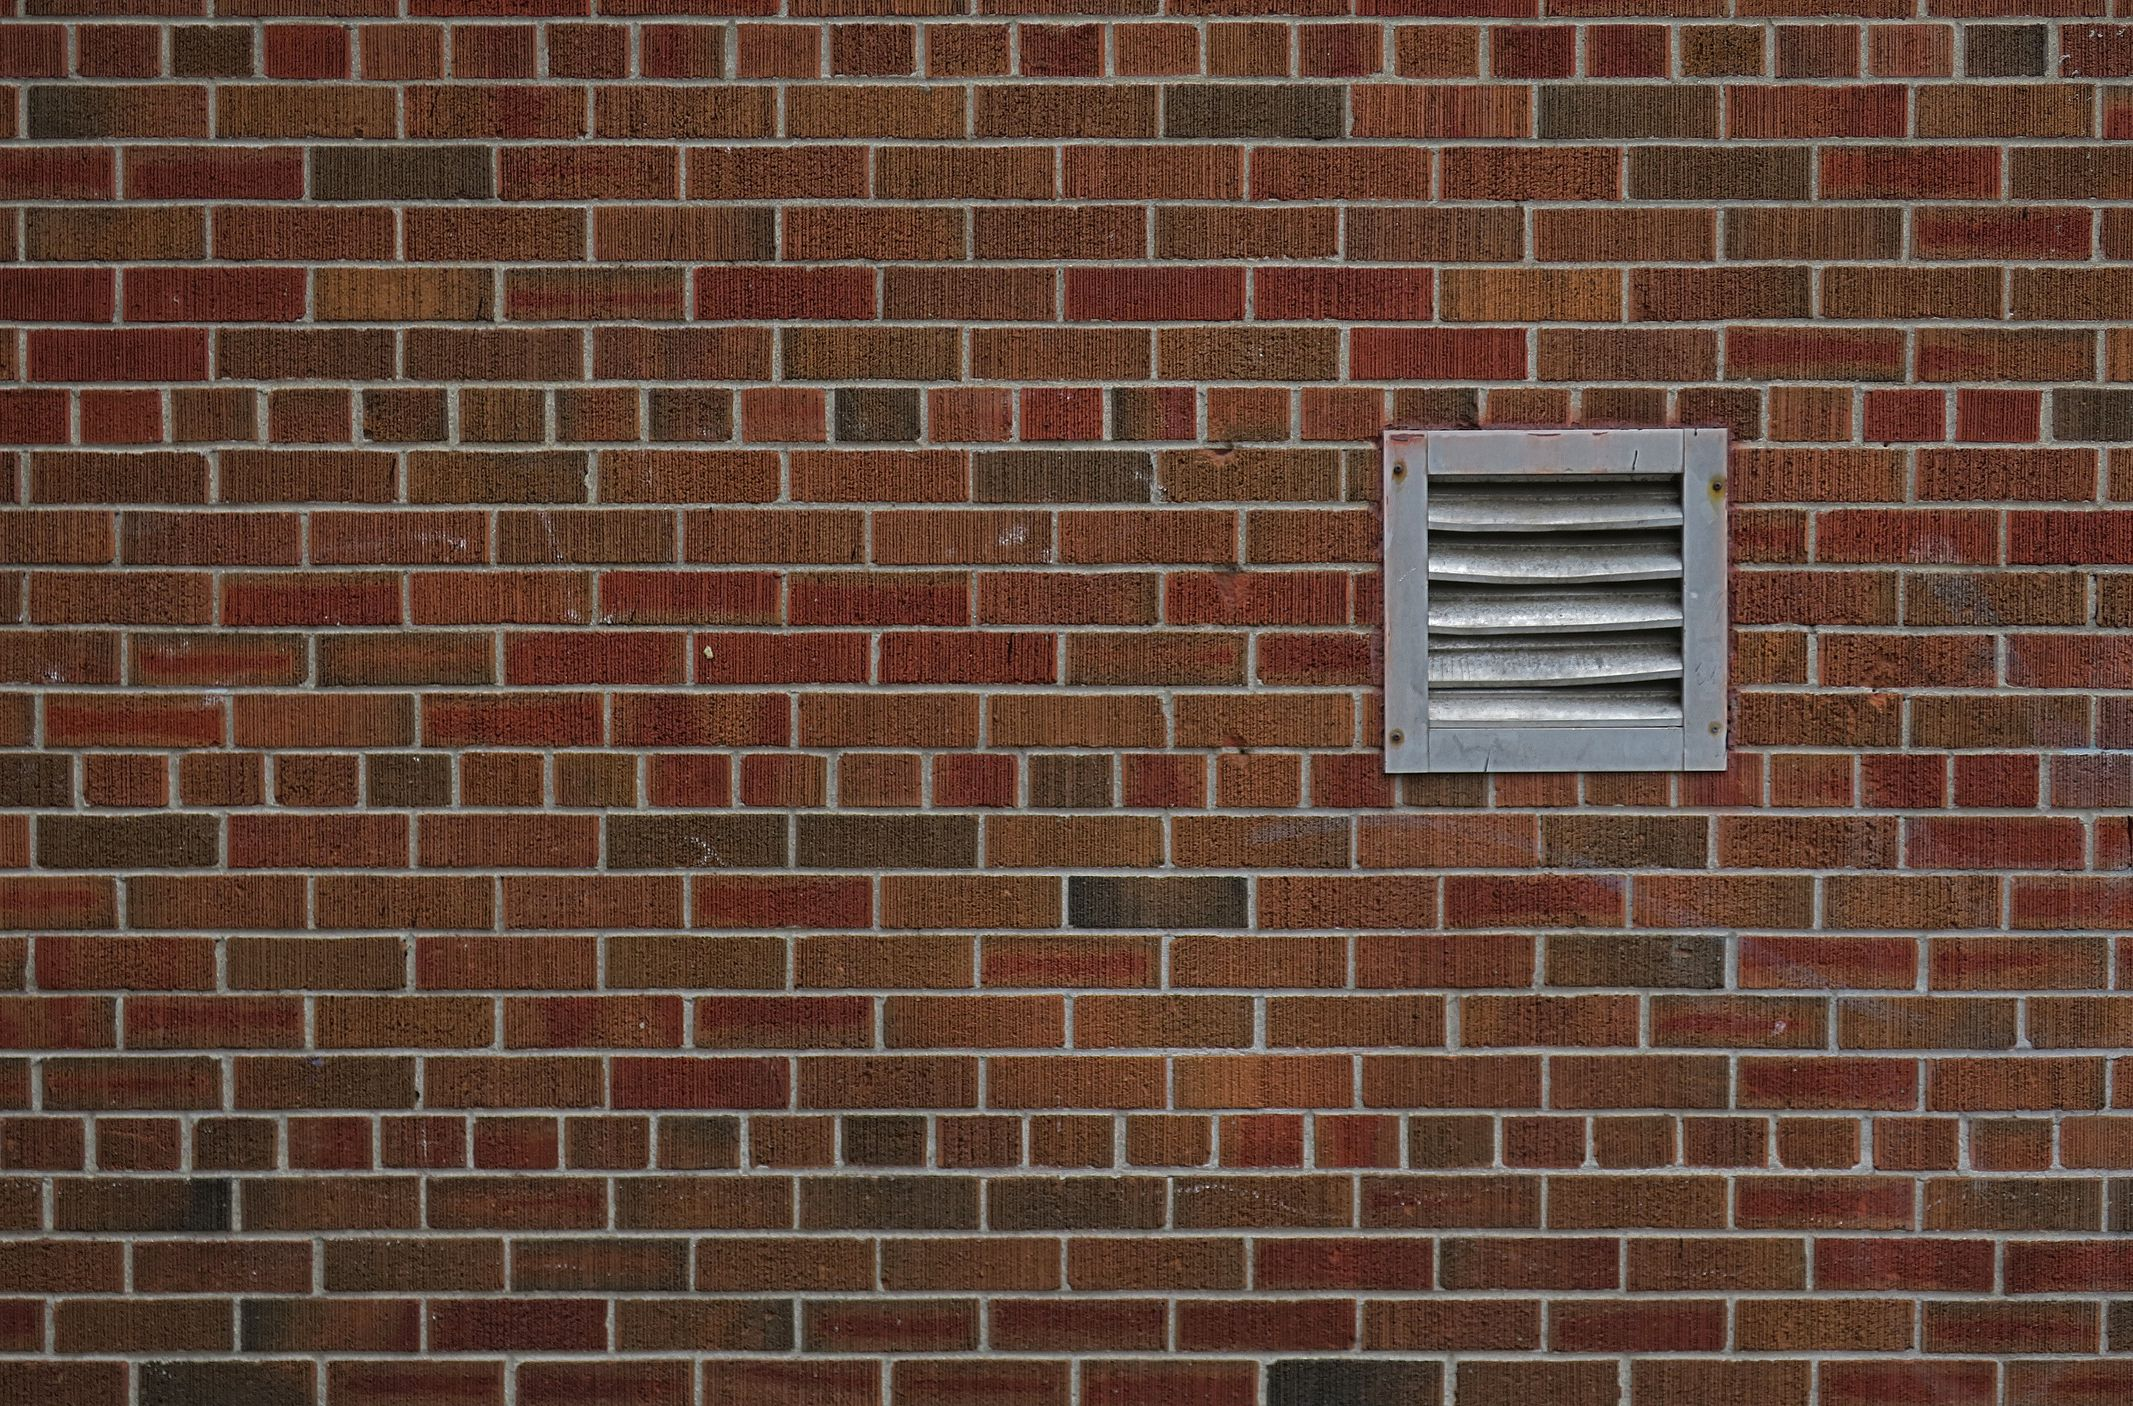 Ventilar en la pared de ladrillo